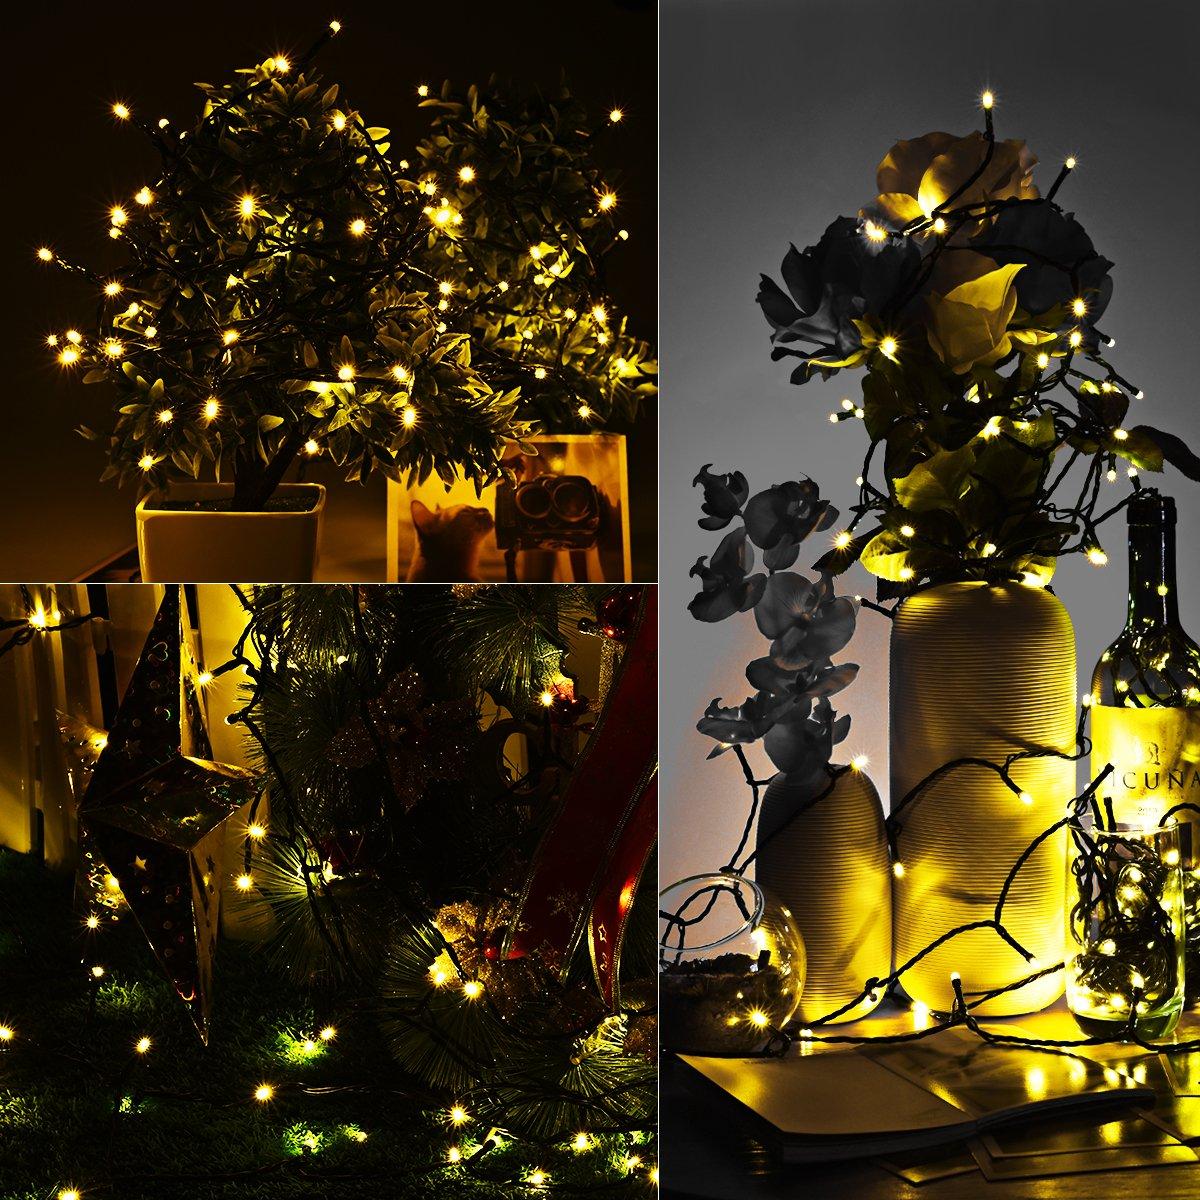 Guirnalda Luces Navidad de 22 metros por solo 16,99€